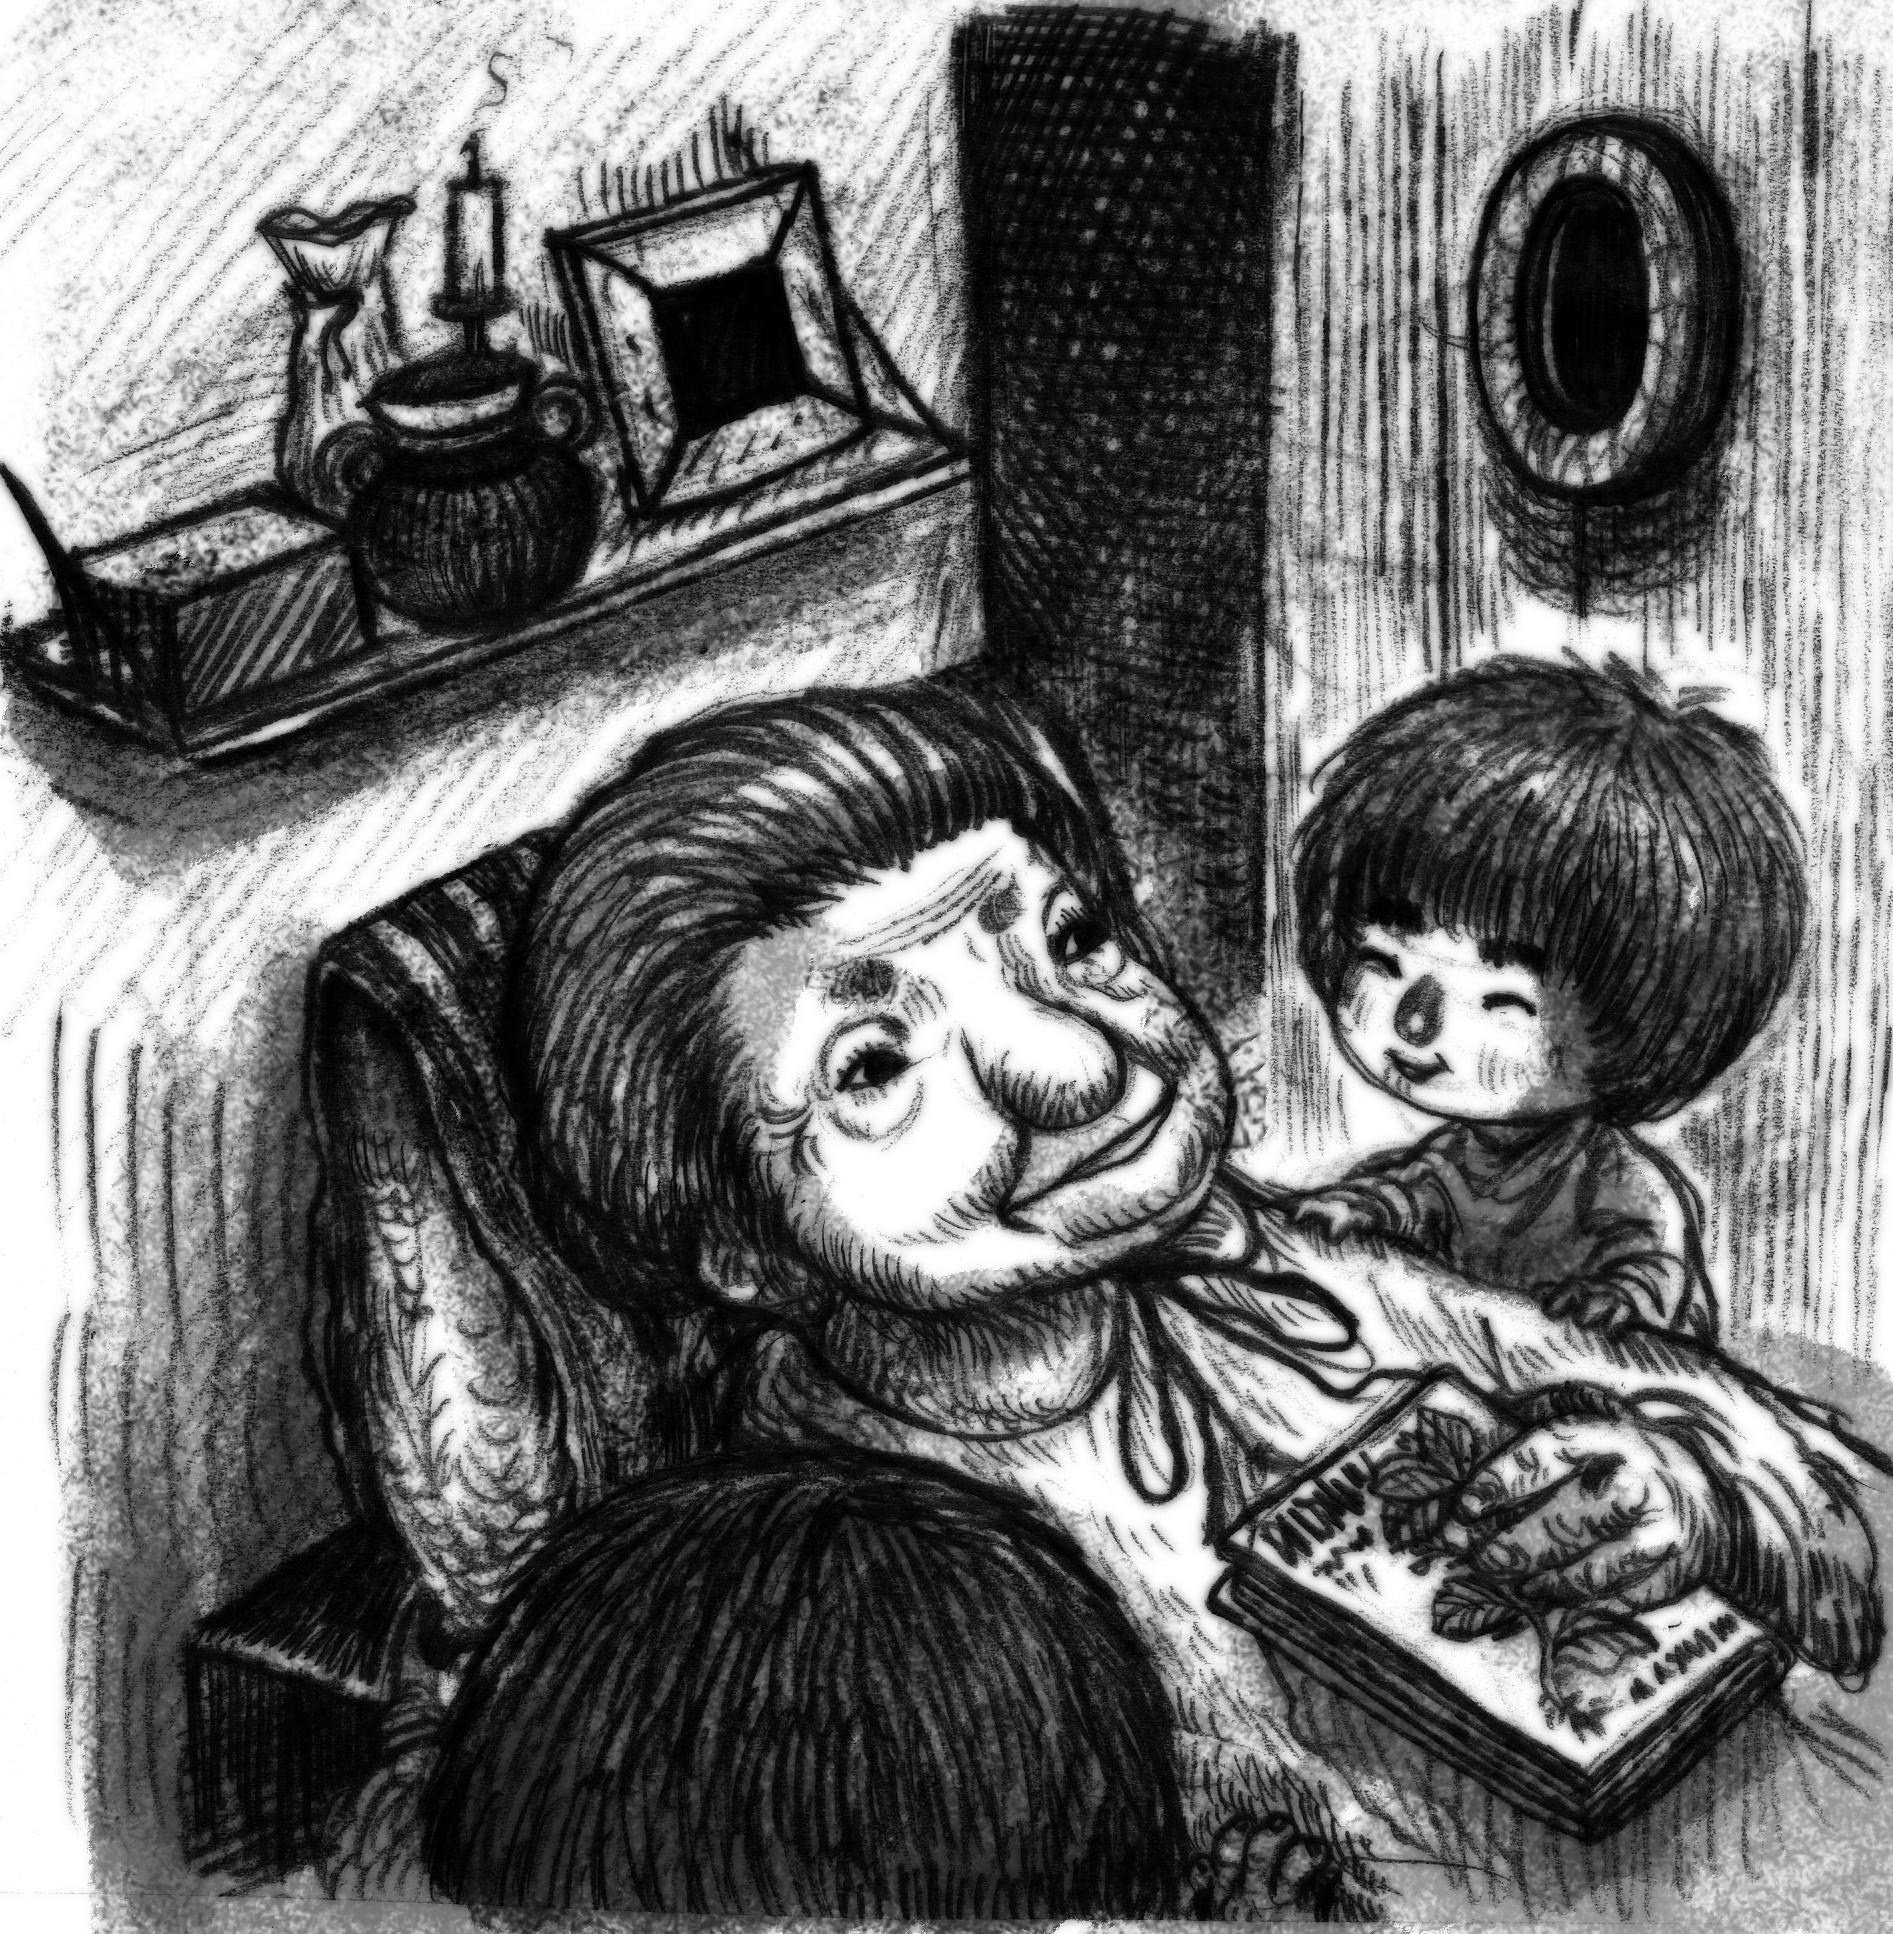 7) เด็กสองคนช่วยกันดูแลคุณยายเป็นอย่างดี